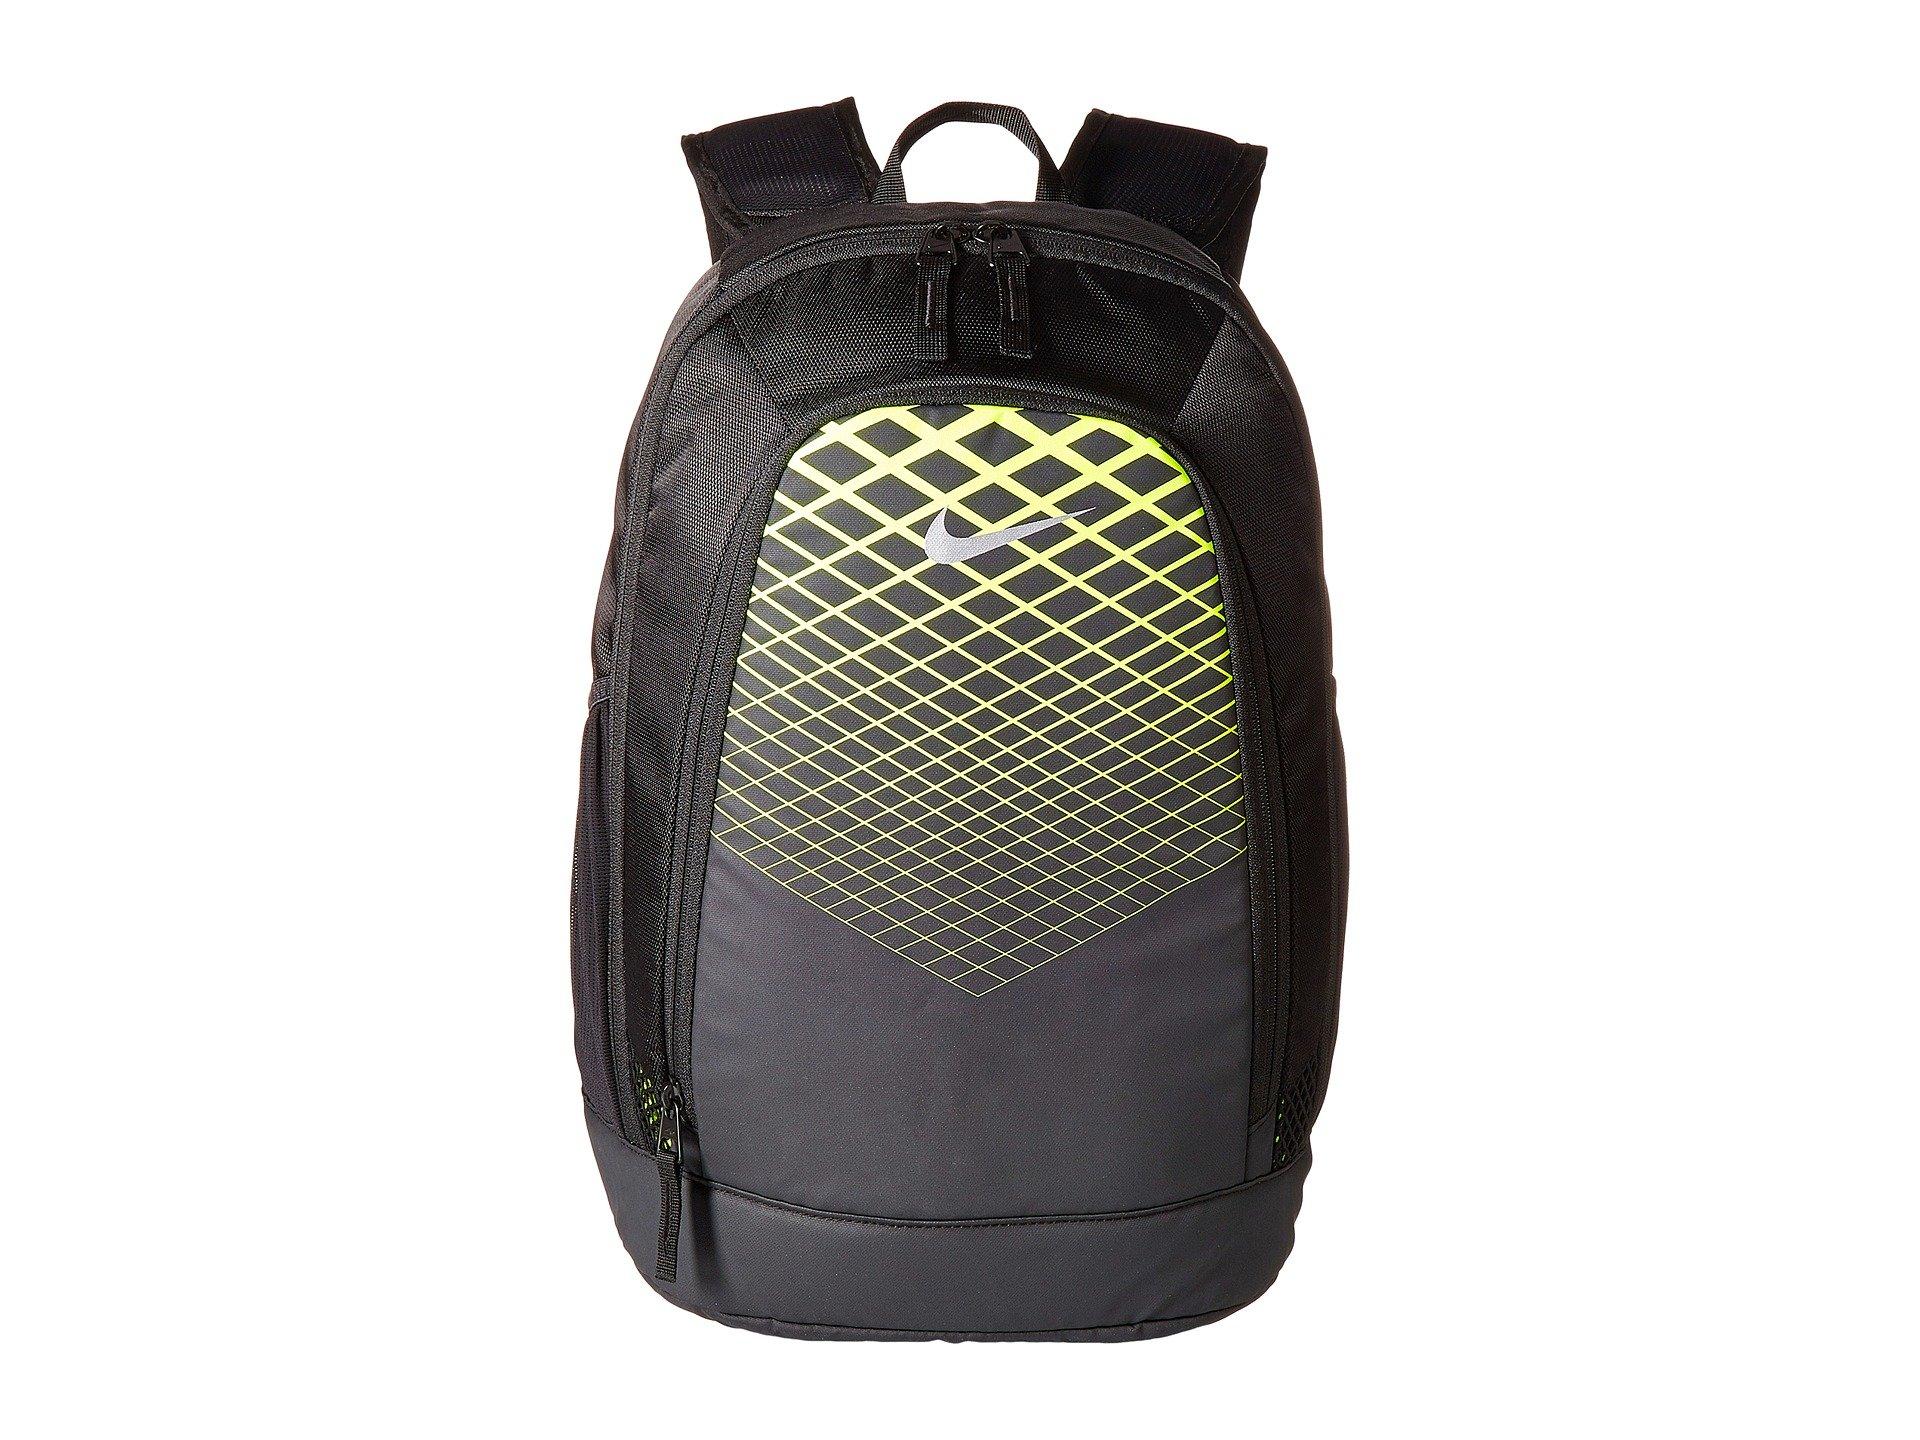 Morral Escolar Nike Vapor Sprint Backpack (Little Kids/Big Kids)  + Nike en VeoyCompro.net